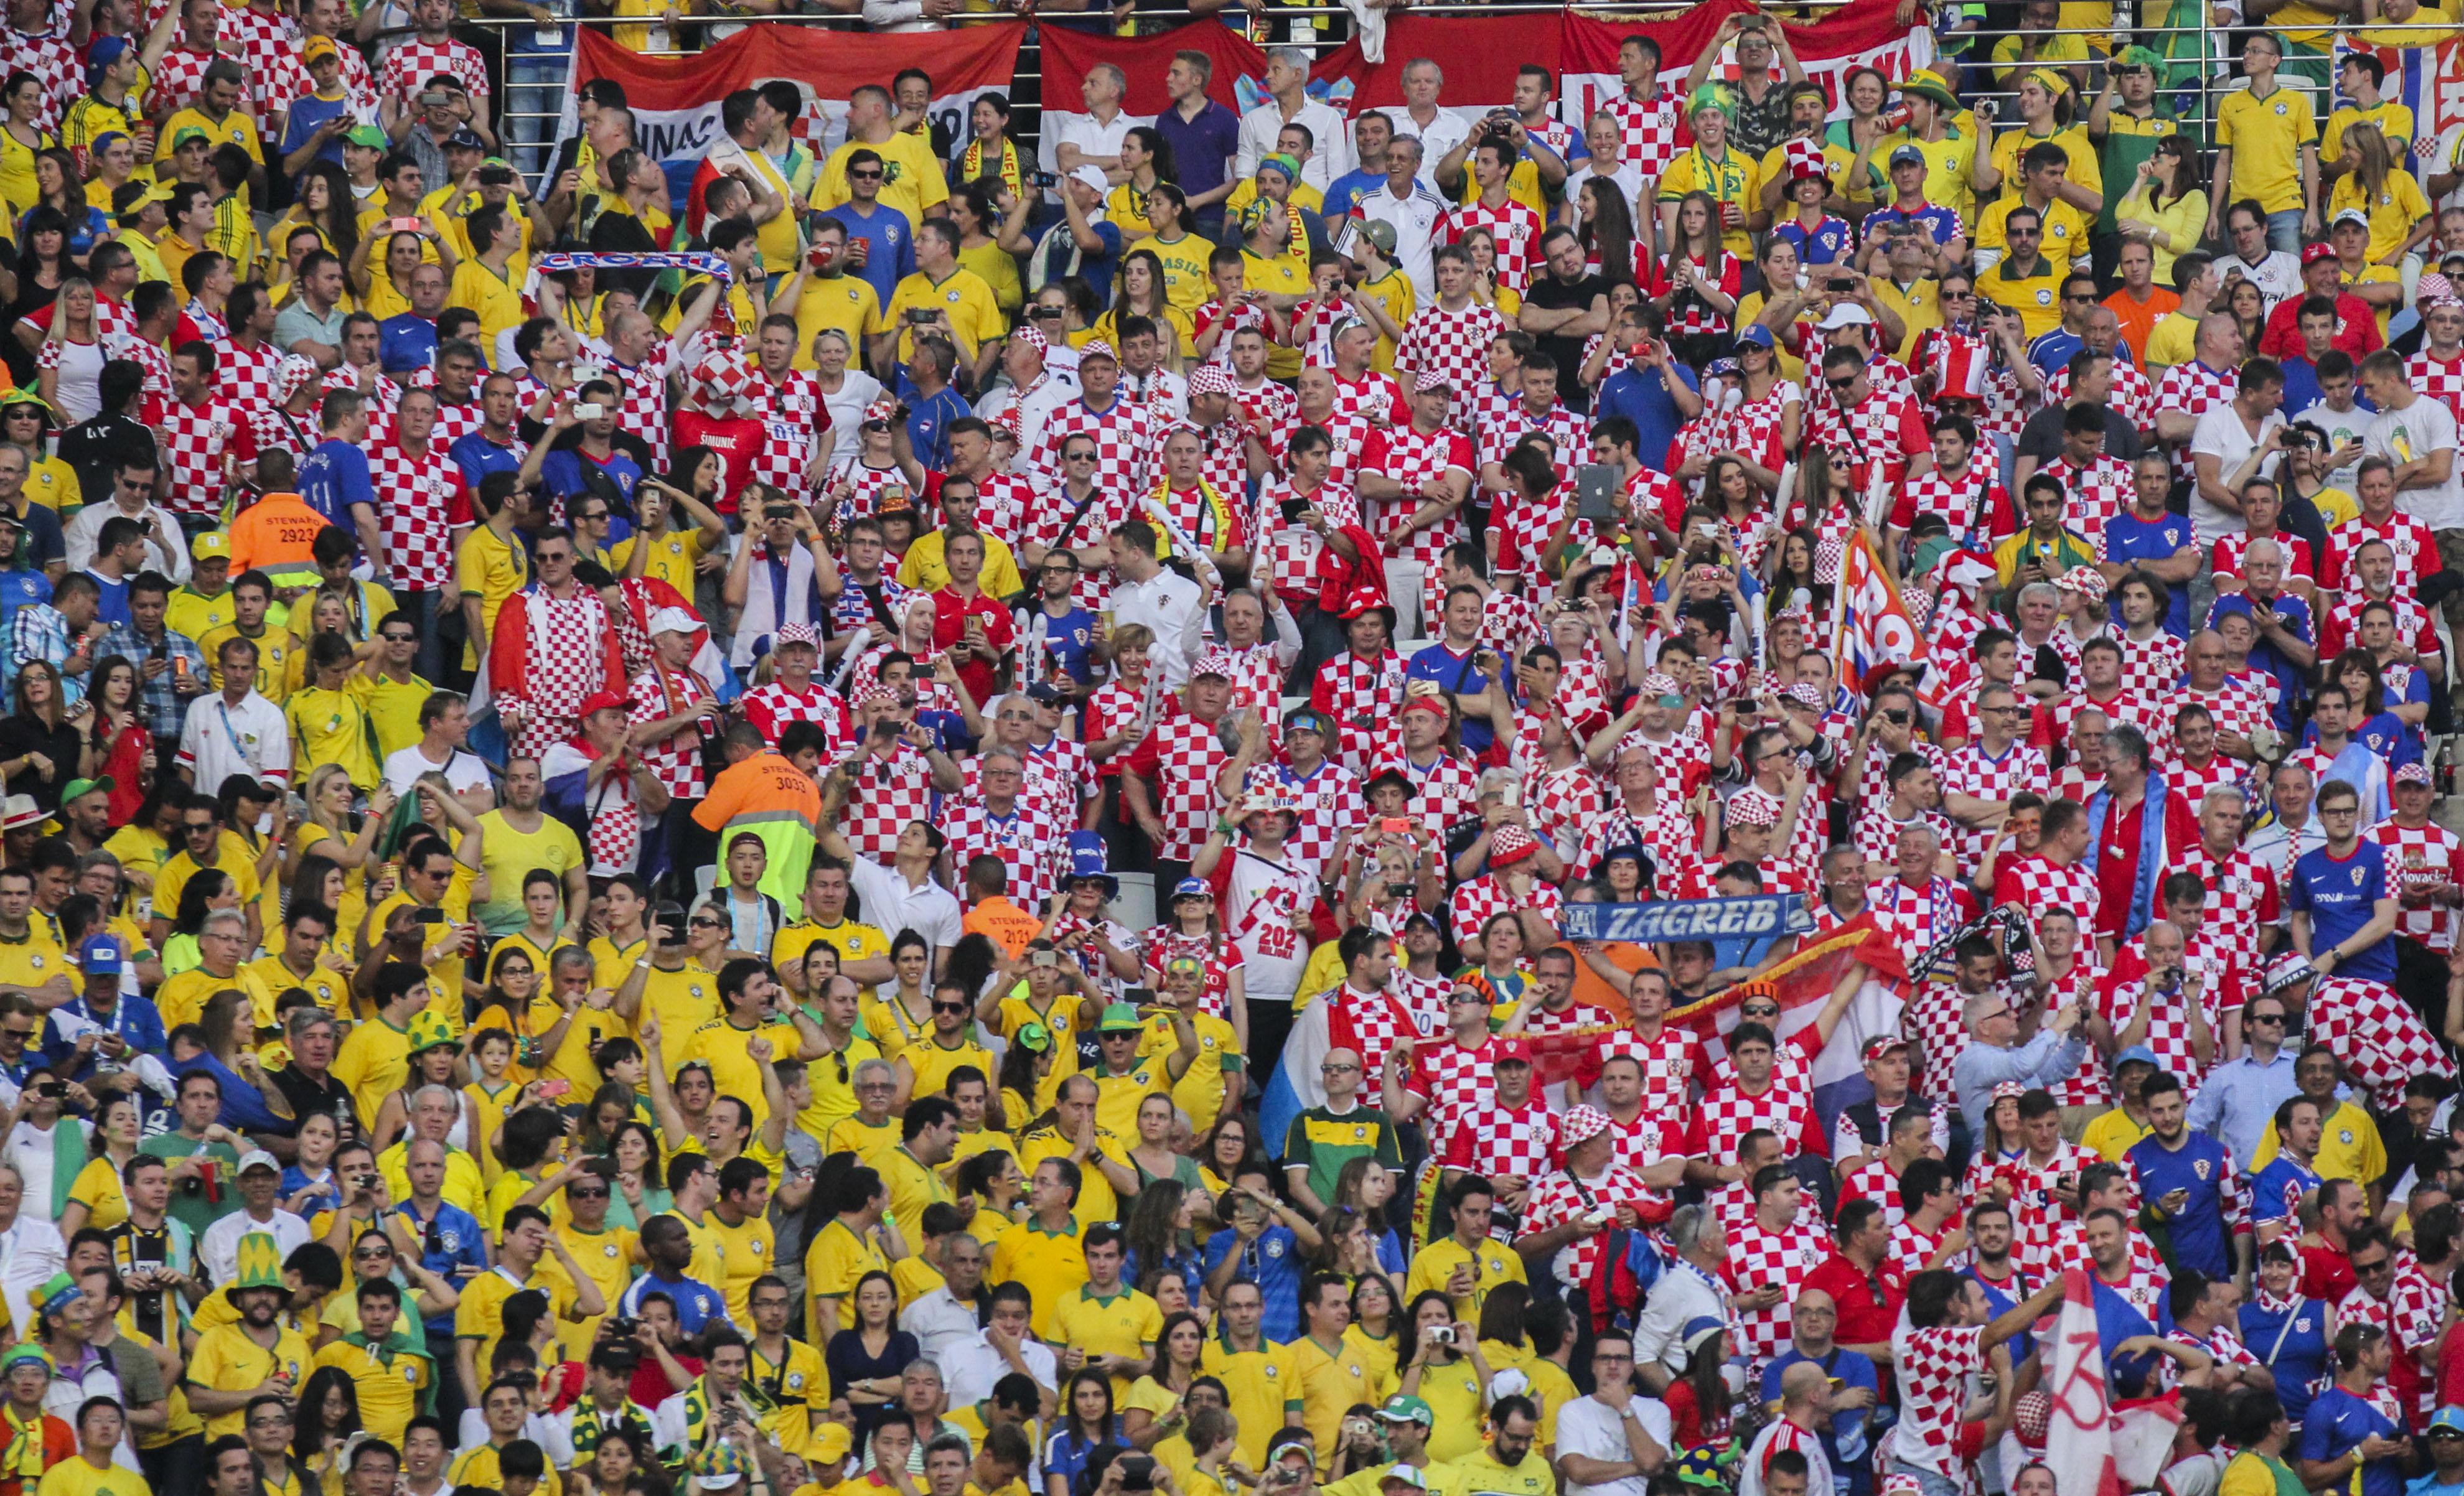 Pourquoi aiment-ils le football «seulement lors du Mondial»? Critique marxiste de la valeur appliquée au football